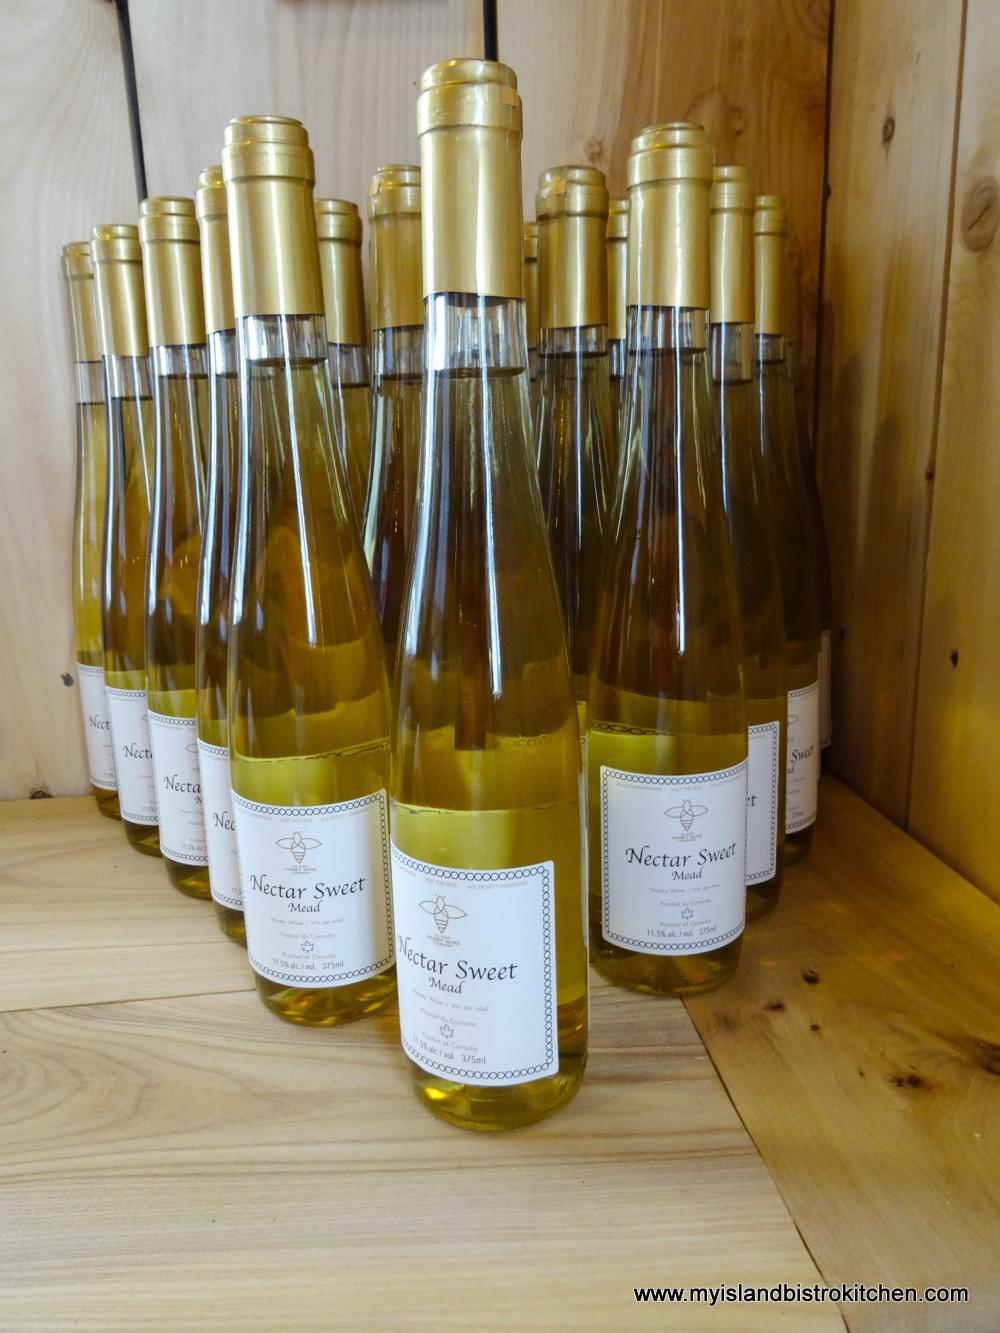 Nectar Sweet Honey Mead from the Island Honey Wine Company, Wheatley River, PEI, Canada